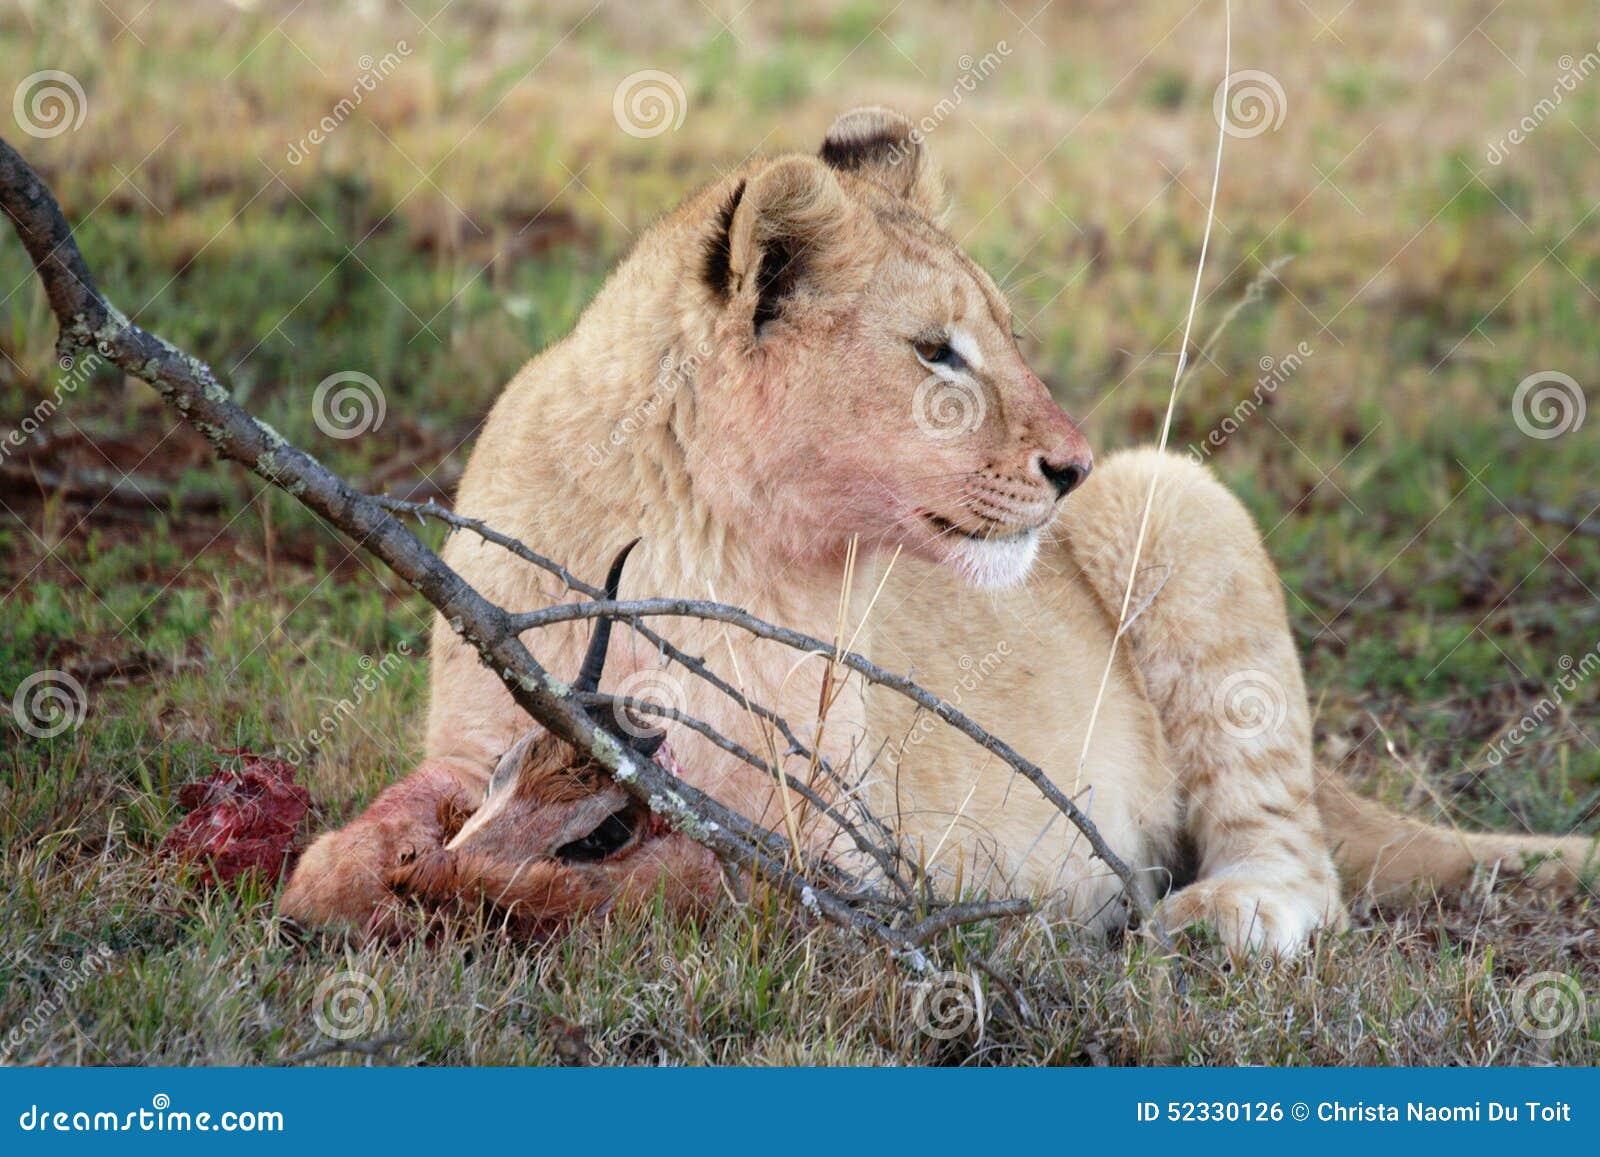 Young juvenile male lion